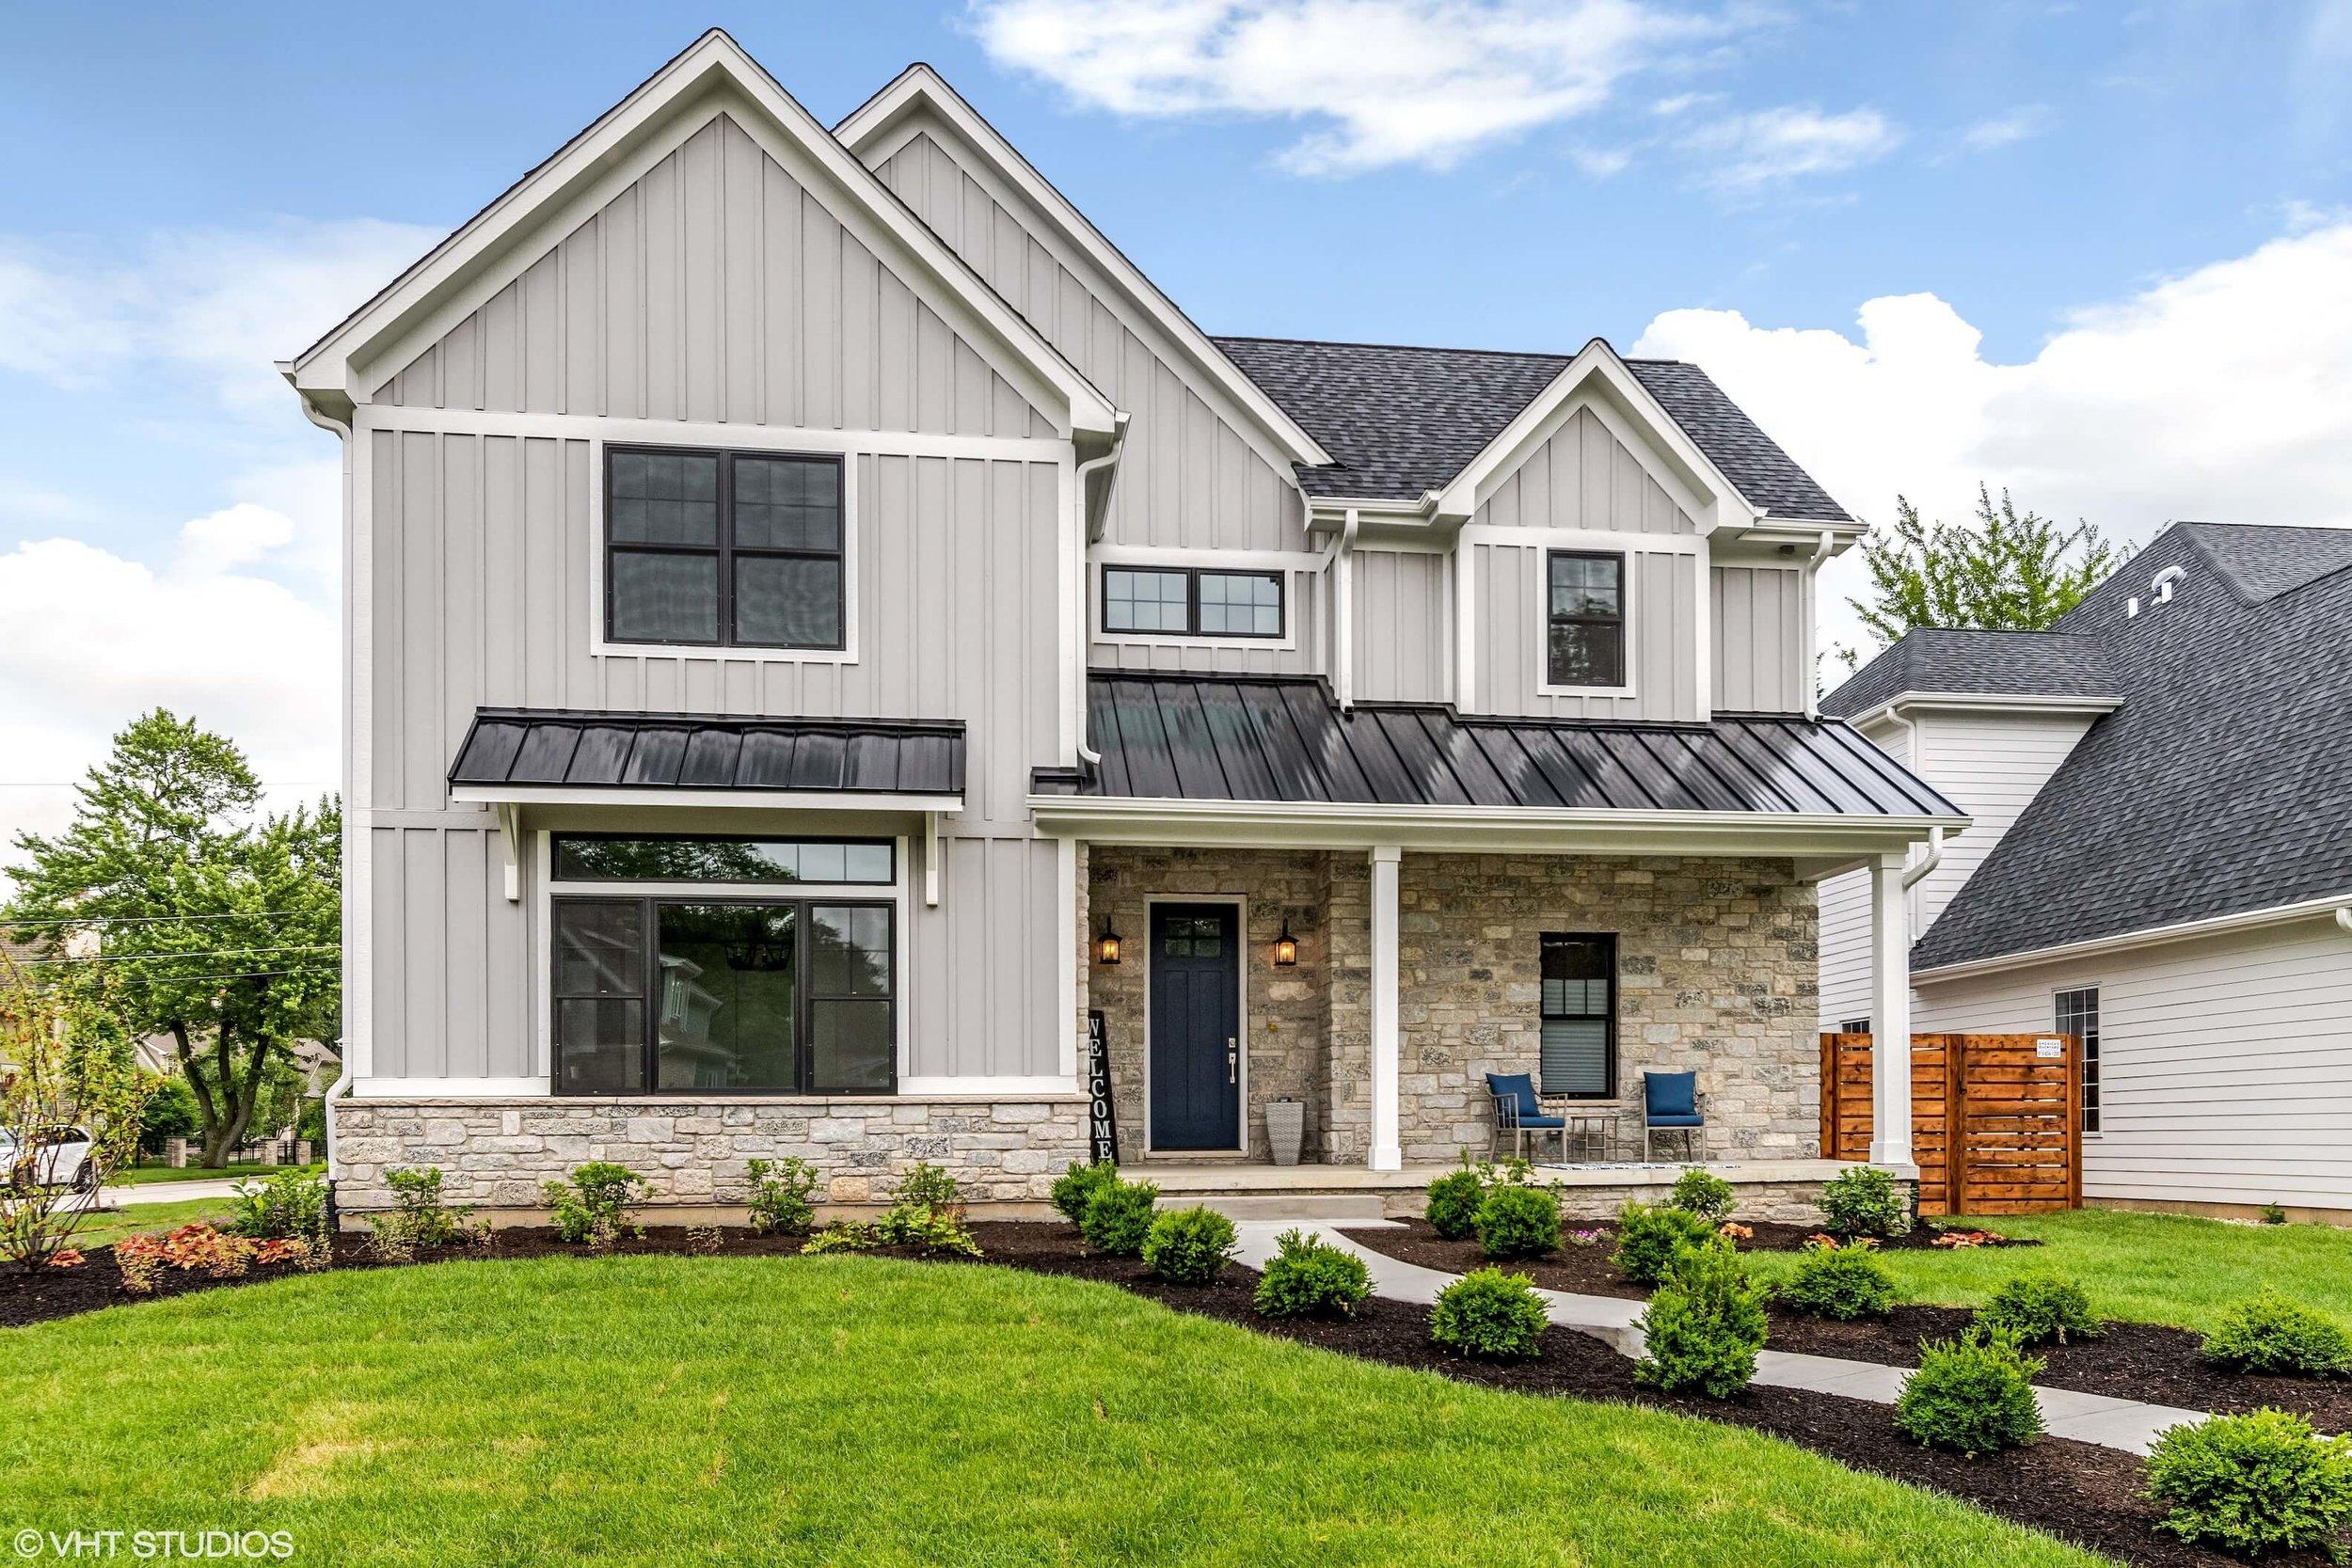 Naperville Home Builder - Kure Construction - Naperville, IL